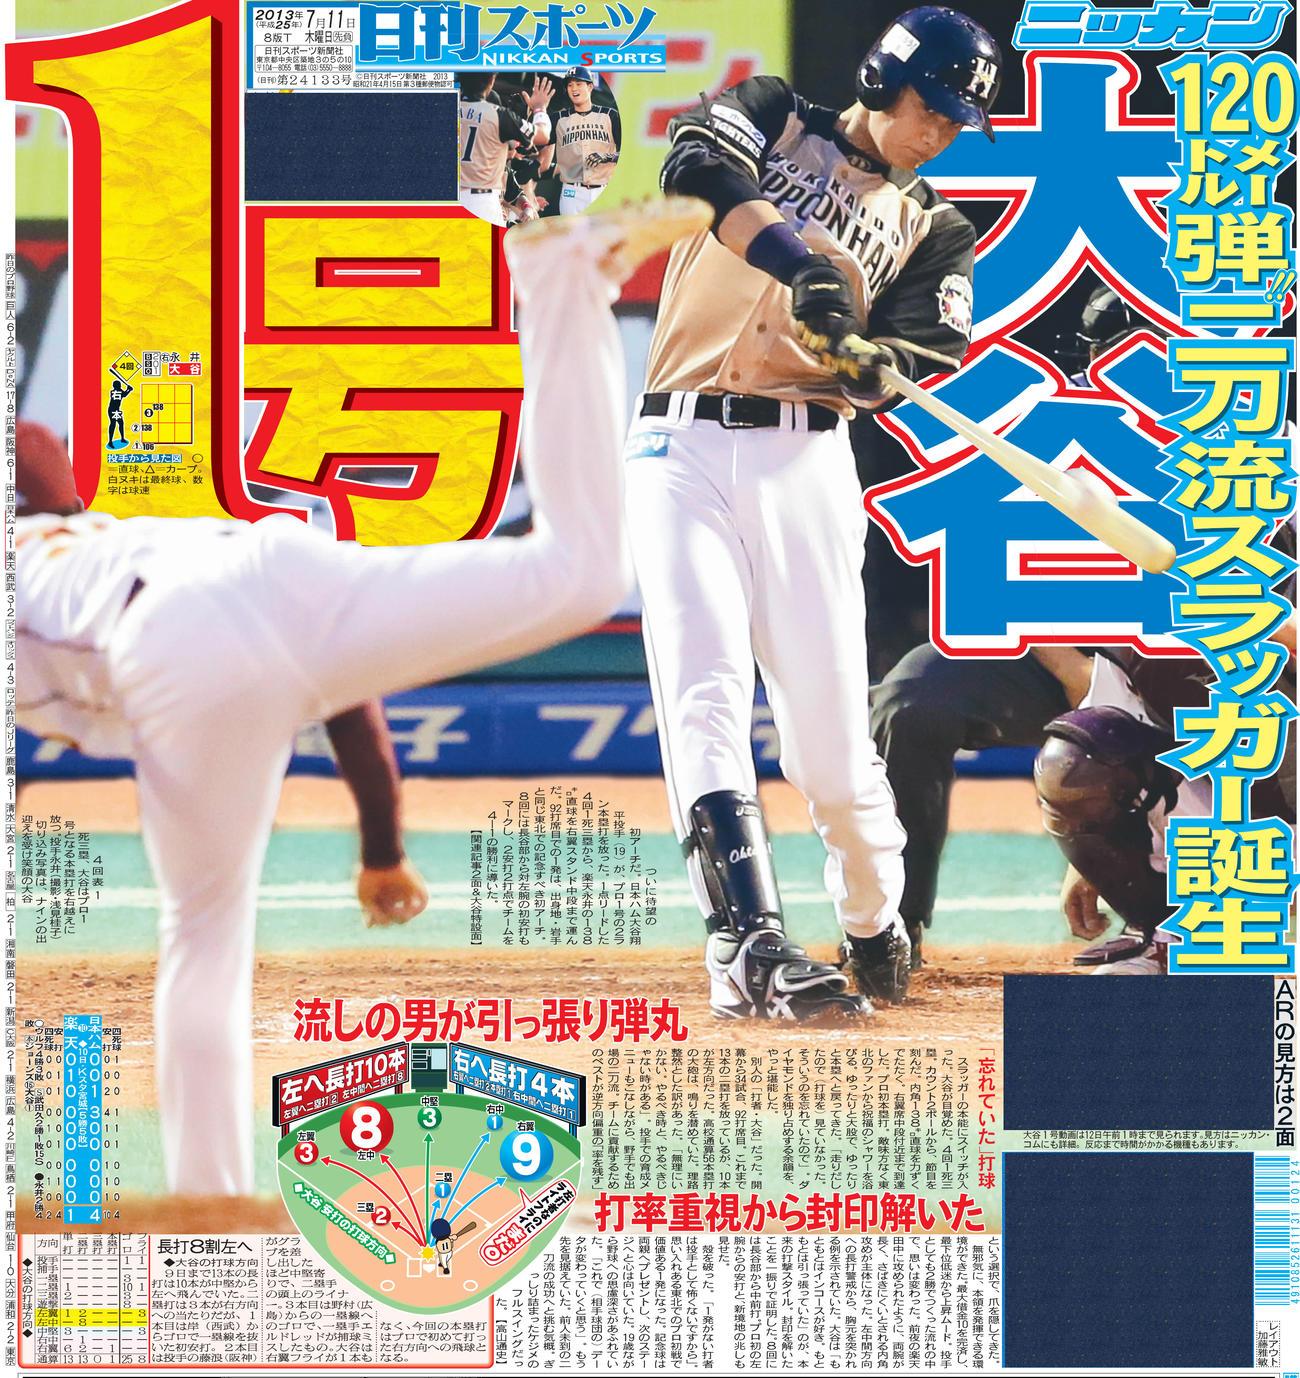 スポーツ 日刊 プロ野球 :